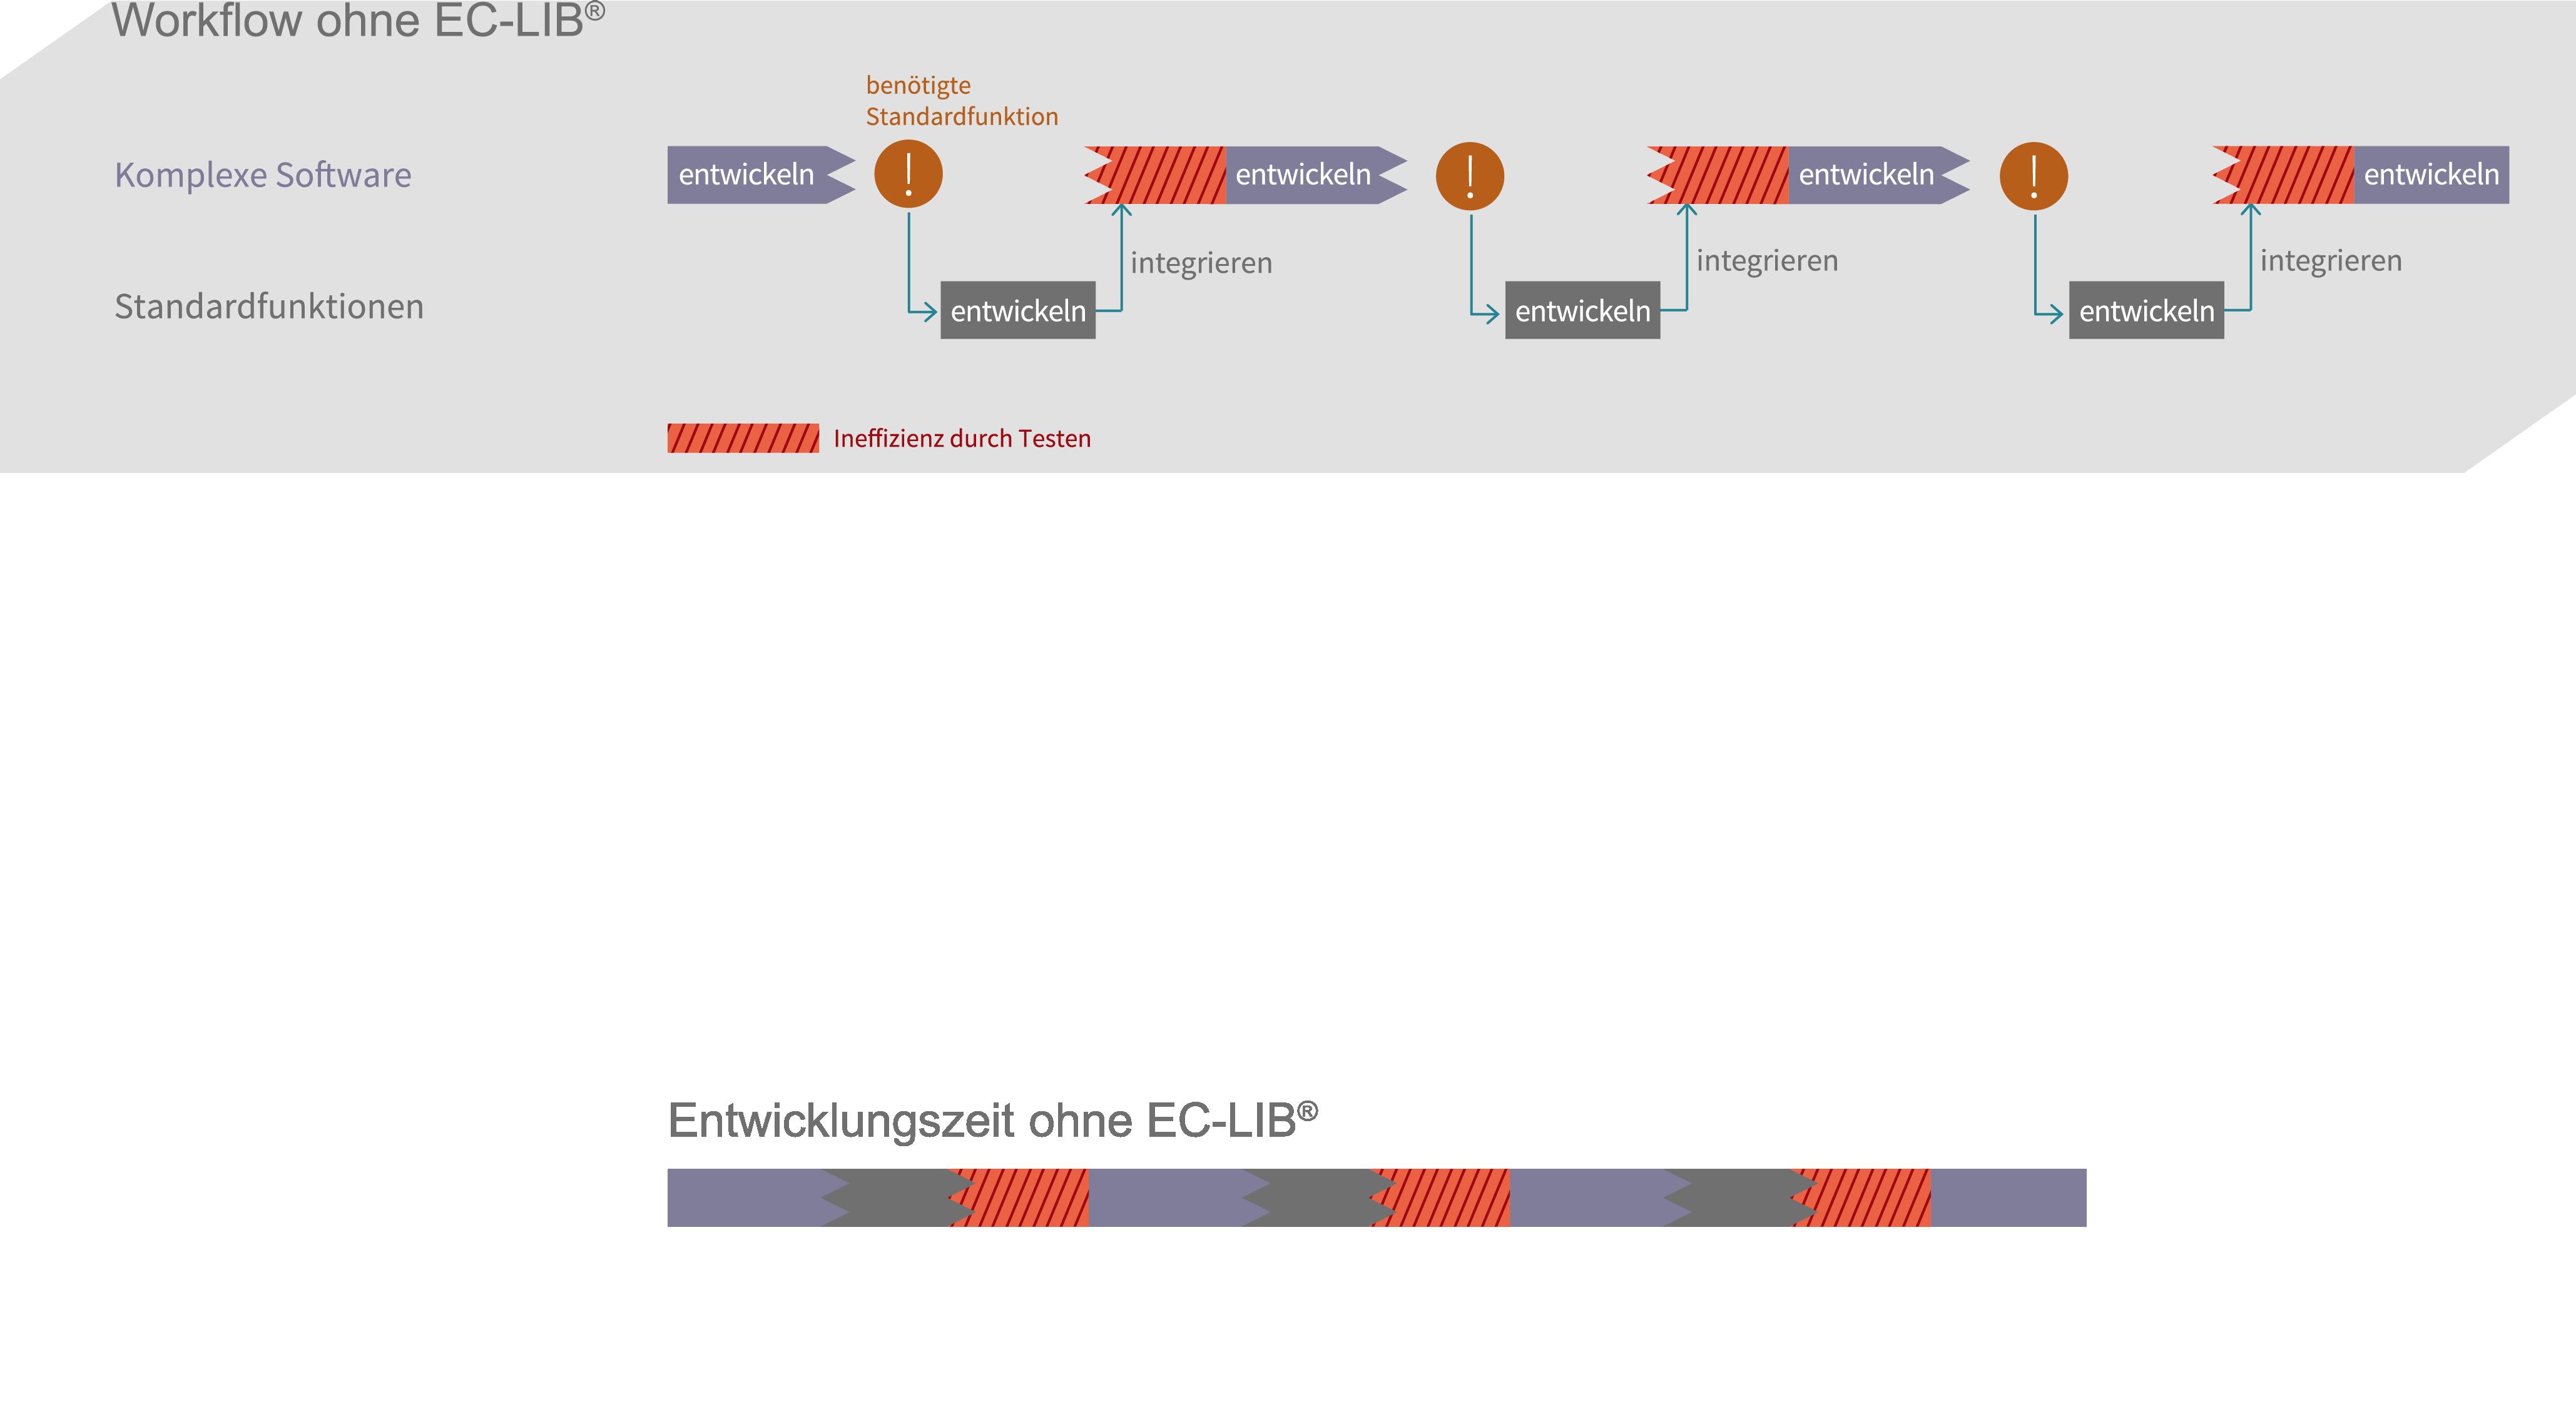 Softwareentwicklung - Workflow Ohne EC-LIB®